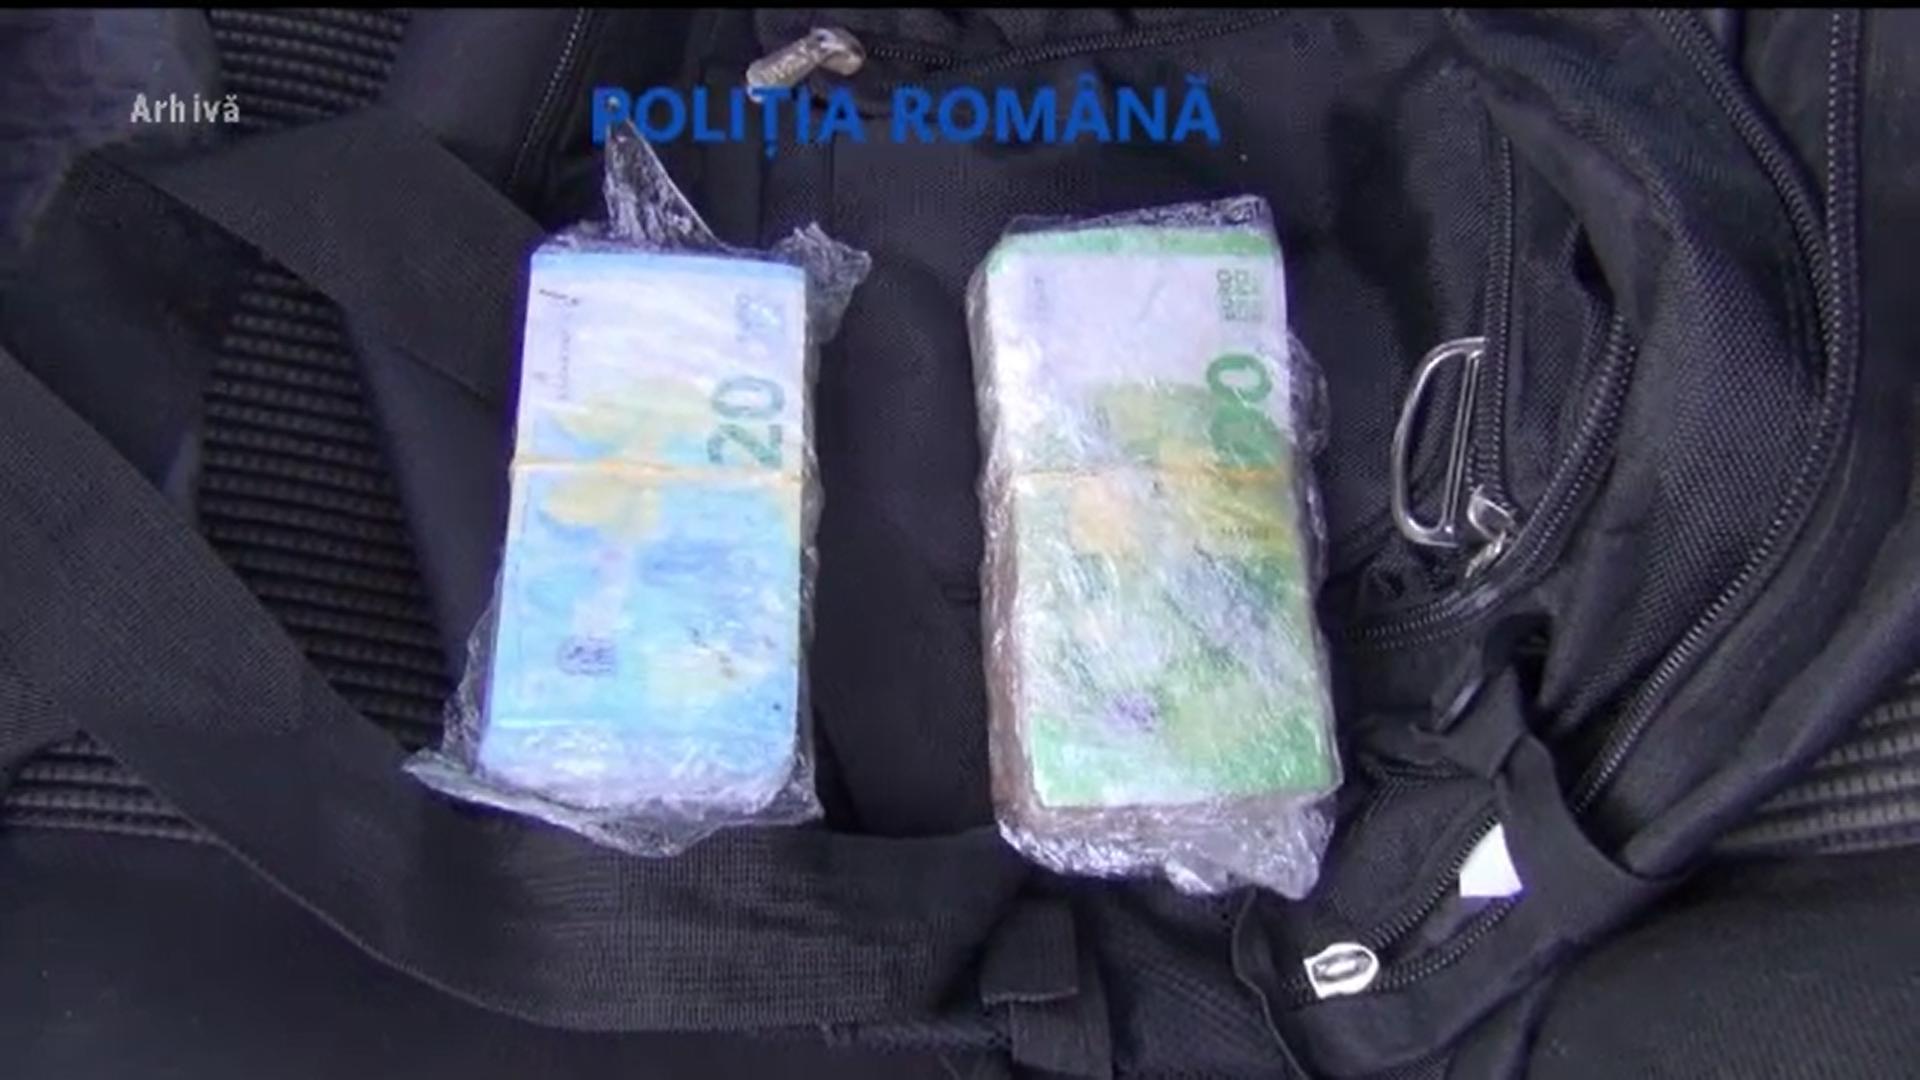 Un bărbat care s-a dus să stea la un amic a rămas fără 10.000 de euro. Cum s-a întâmplat totul